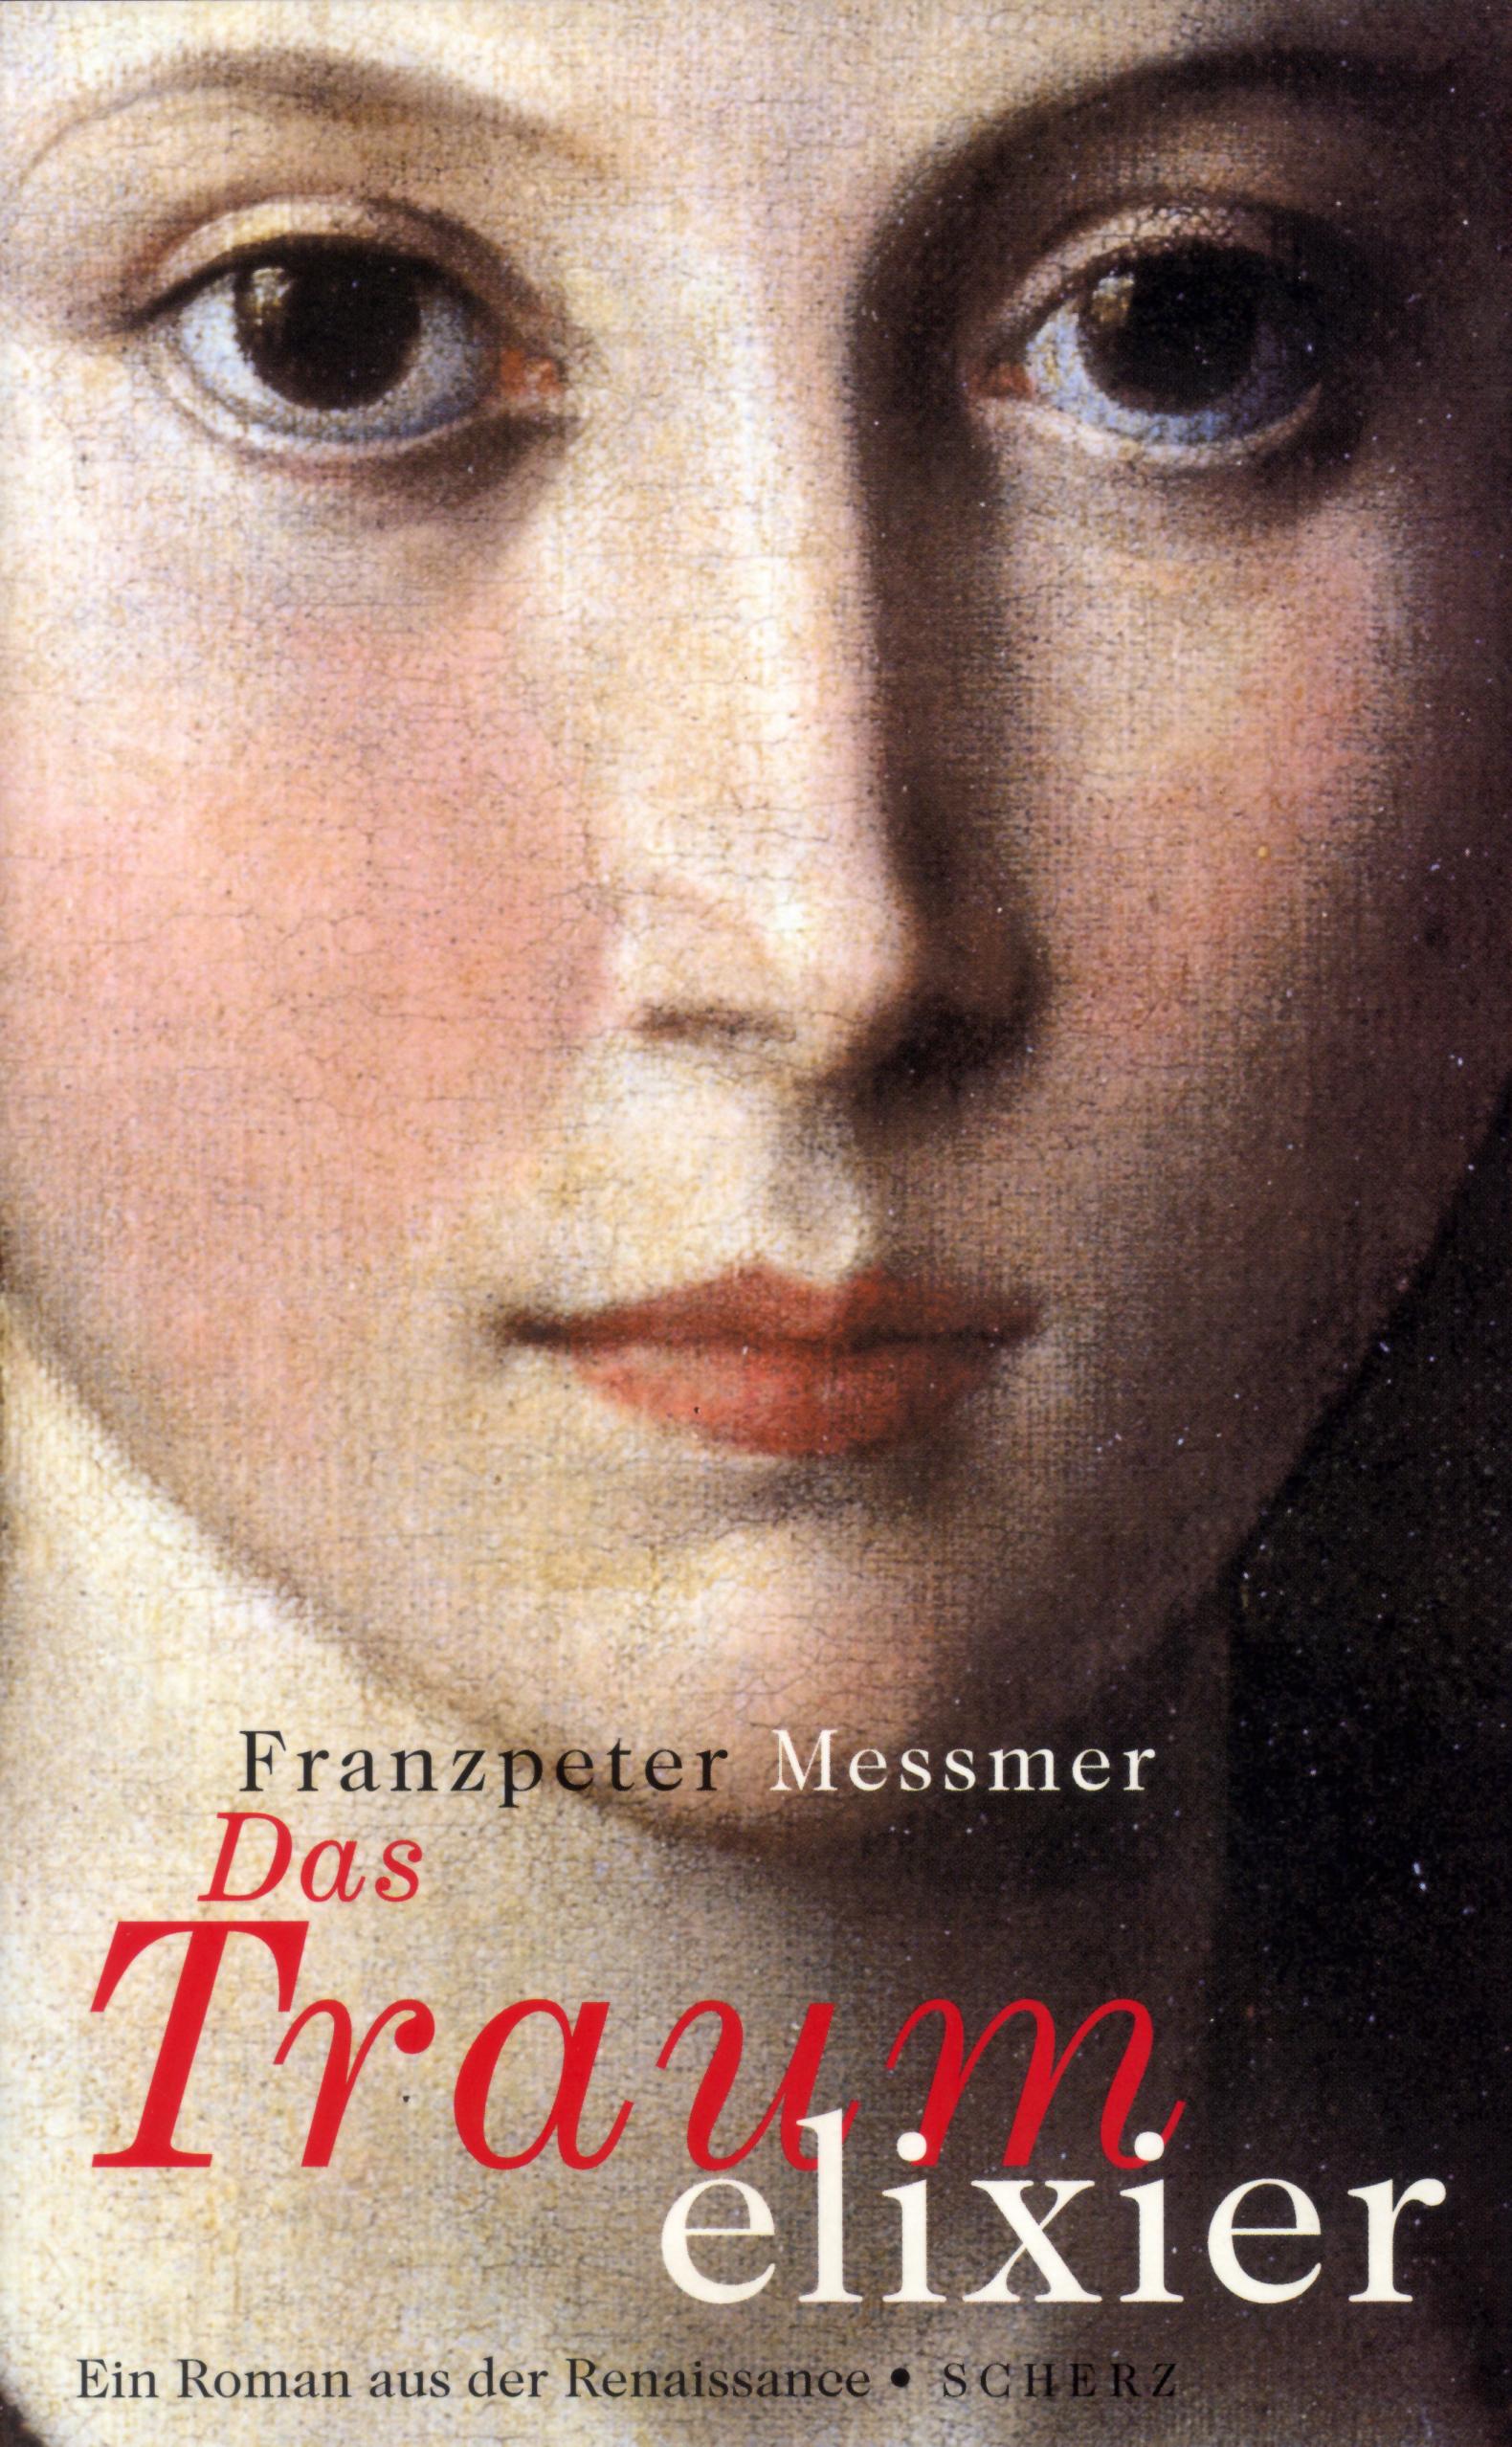 Traumelixier - historischer Roman aus der Renaissance